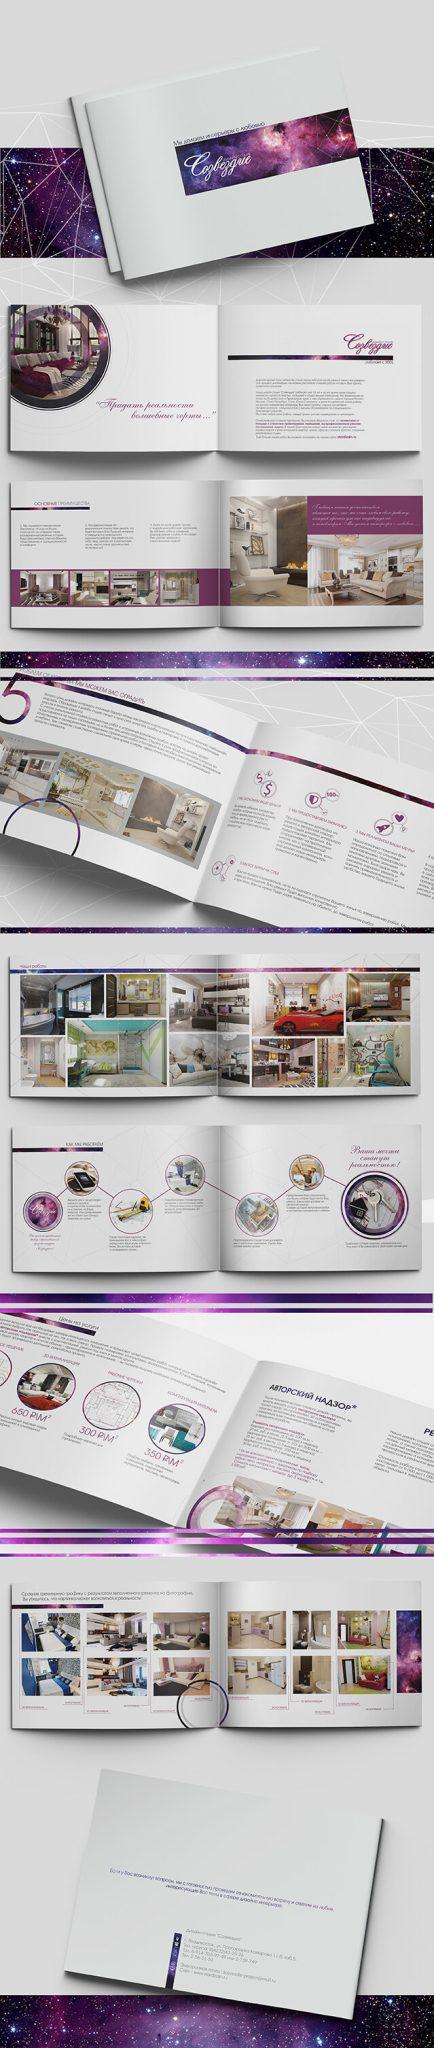 Разработка каталога для дизайн студии Созвездие